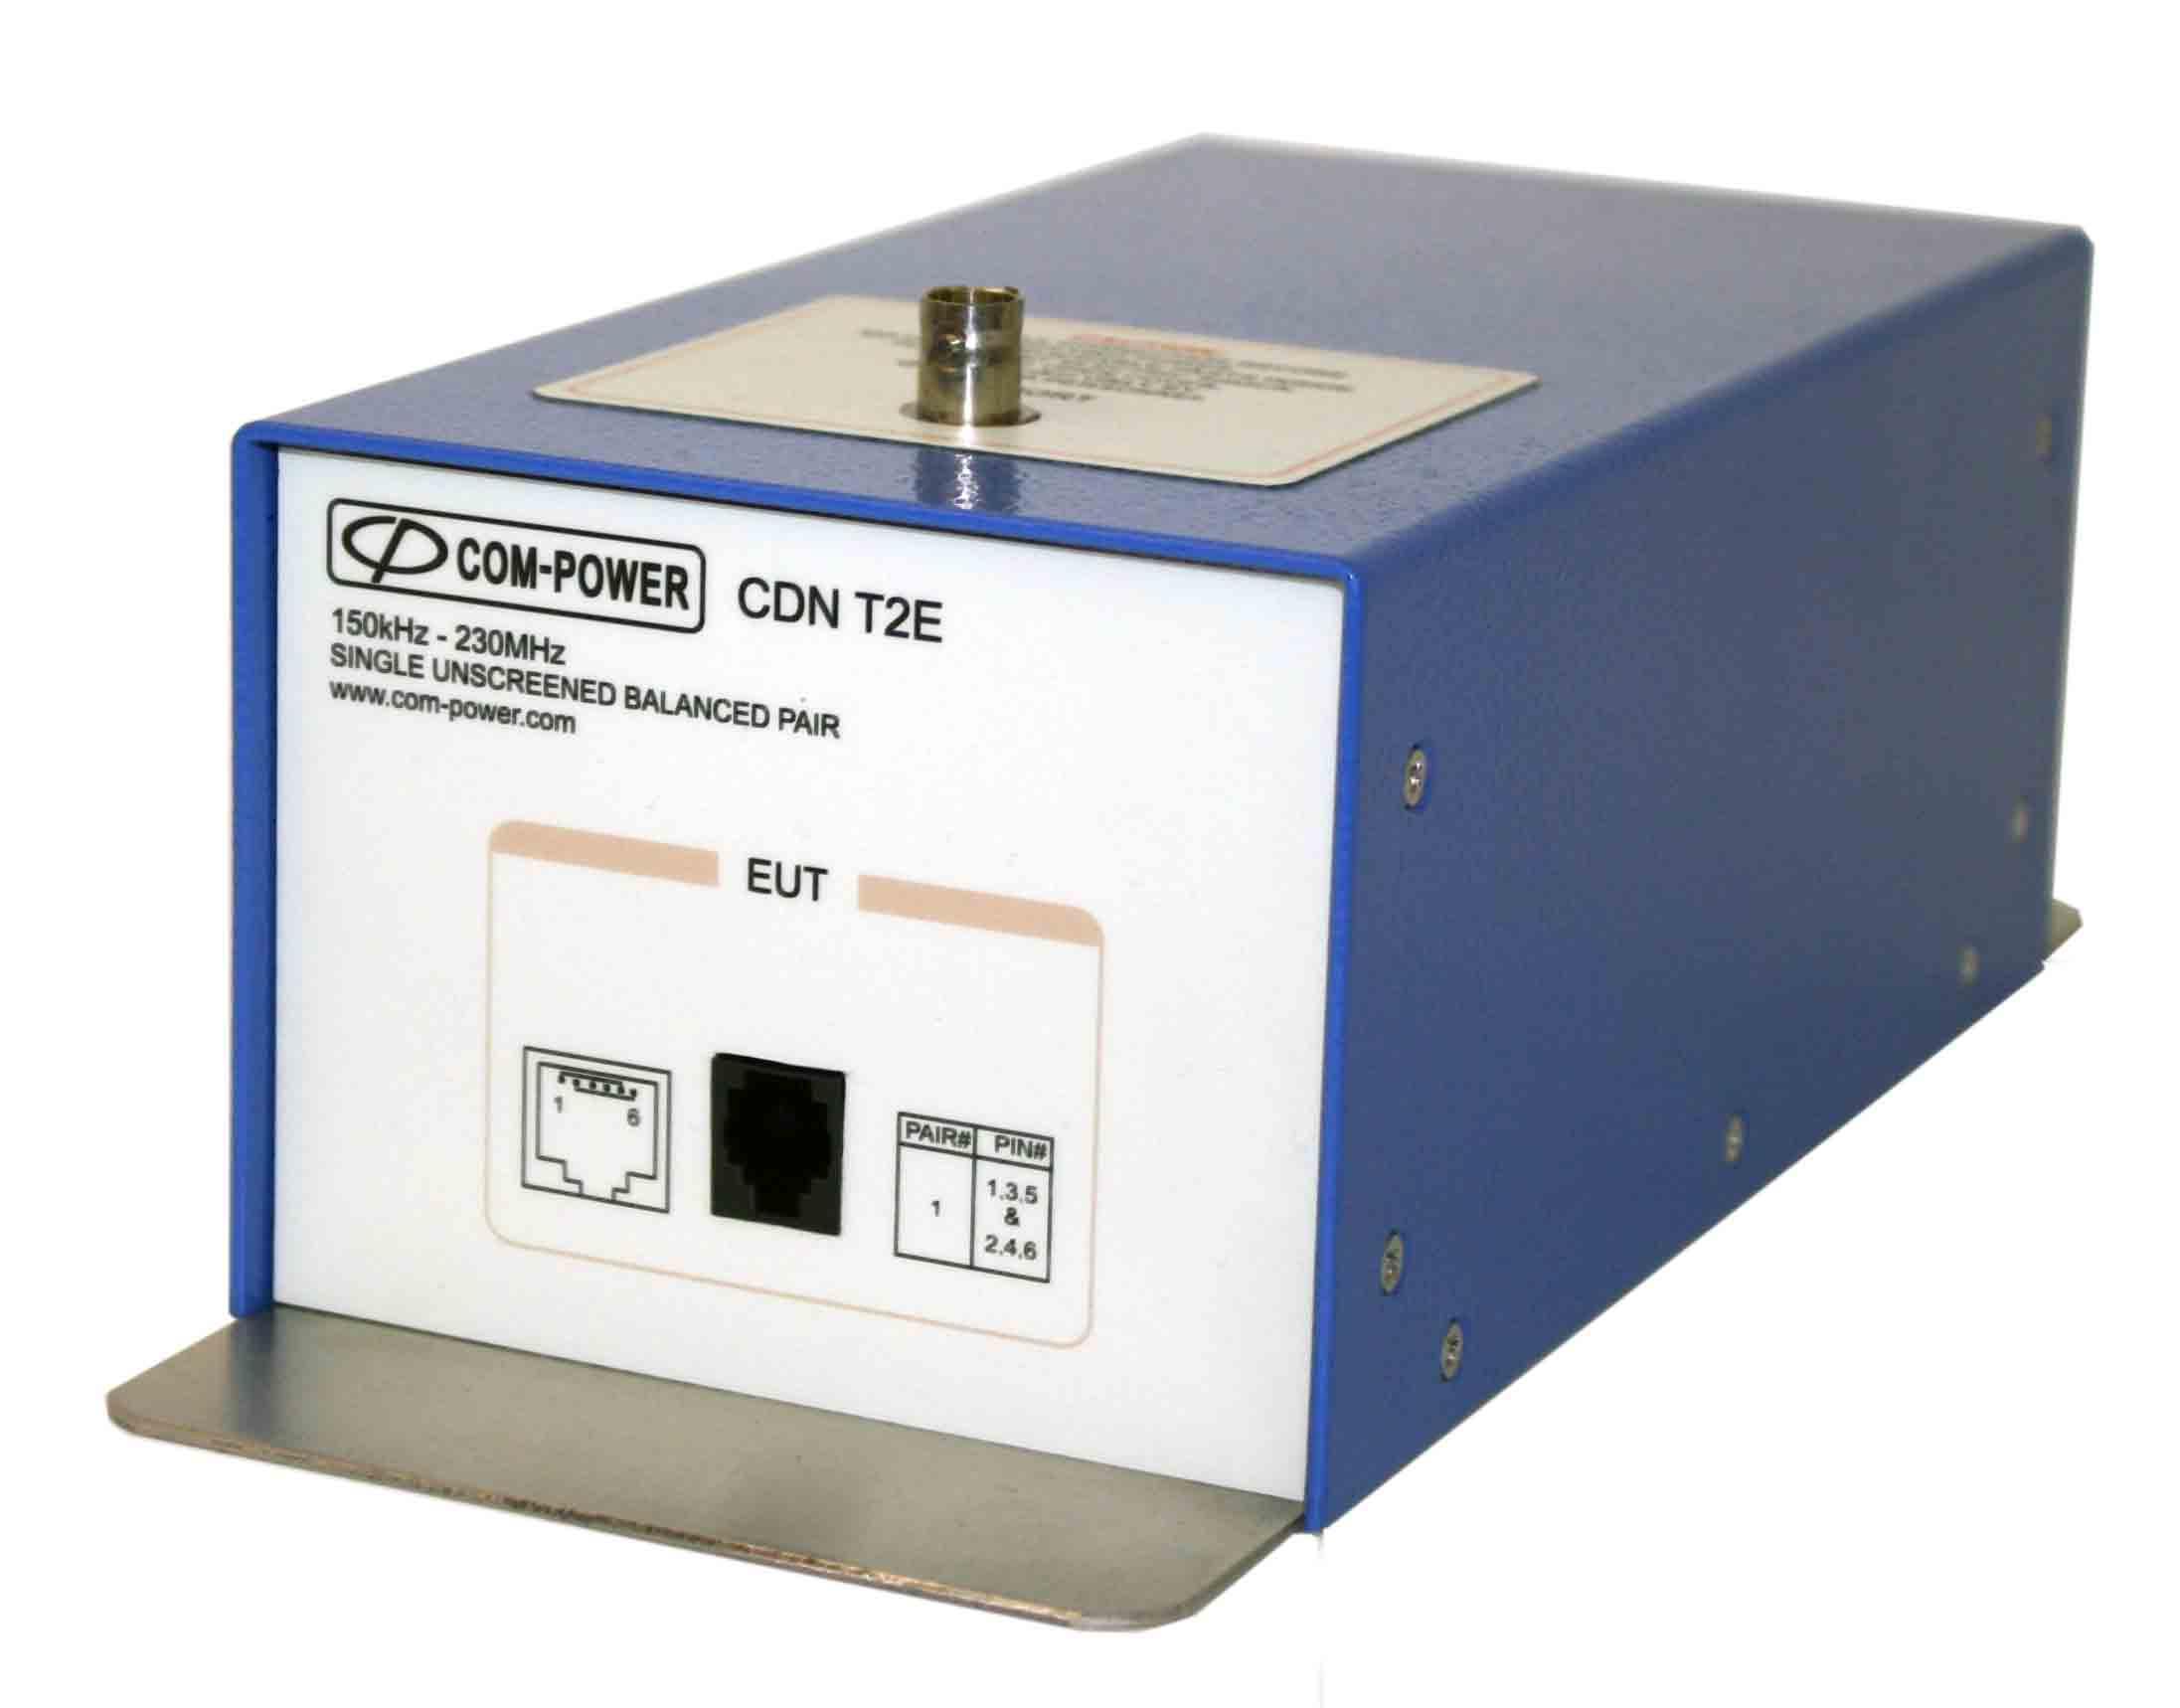 CDN-T2E